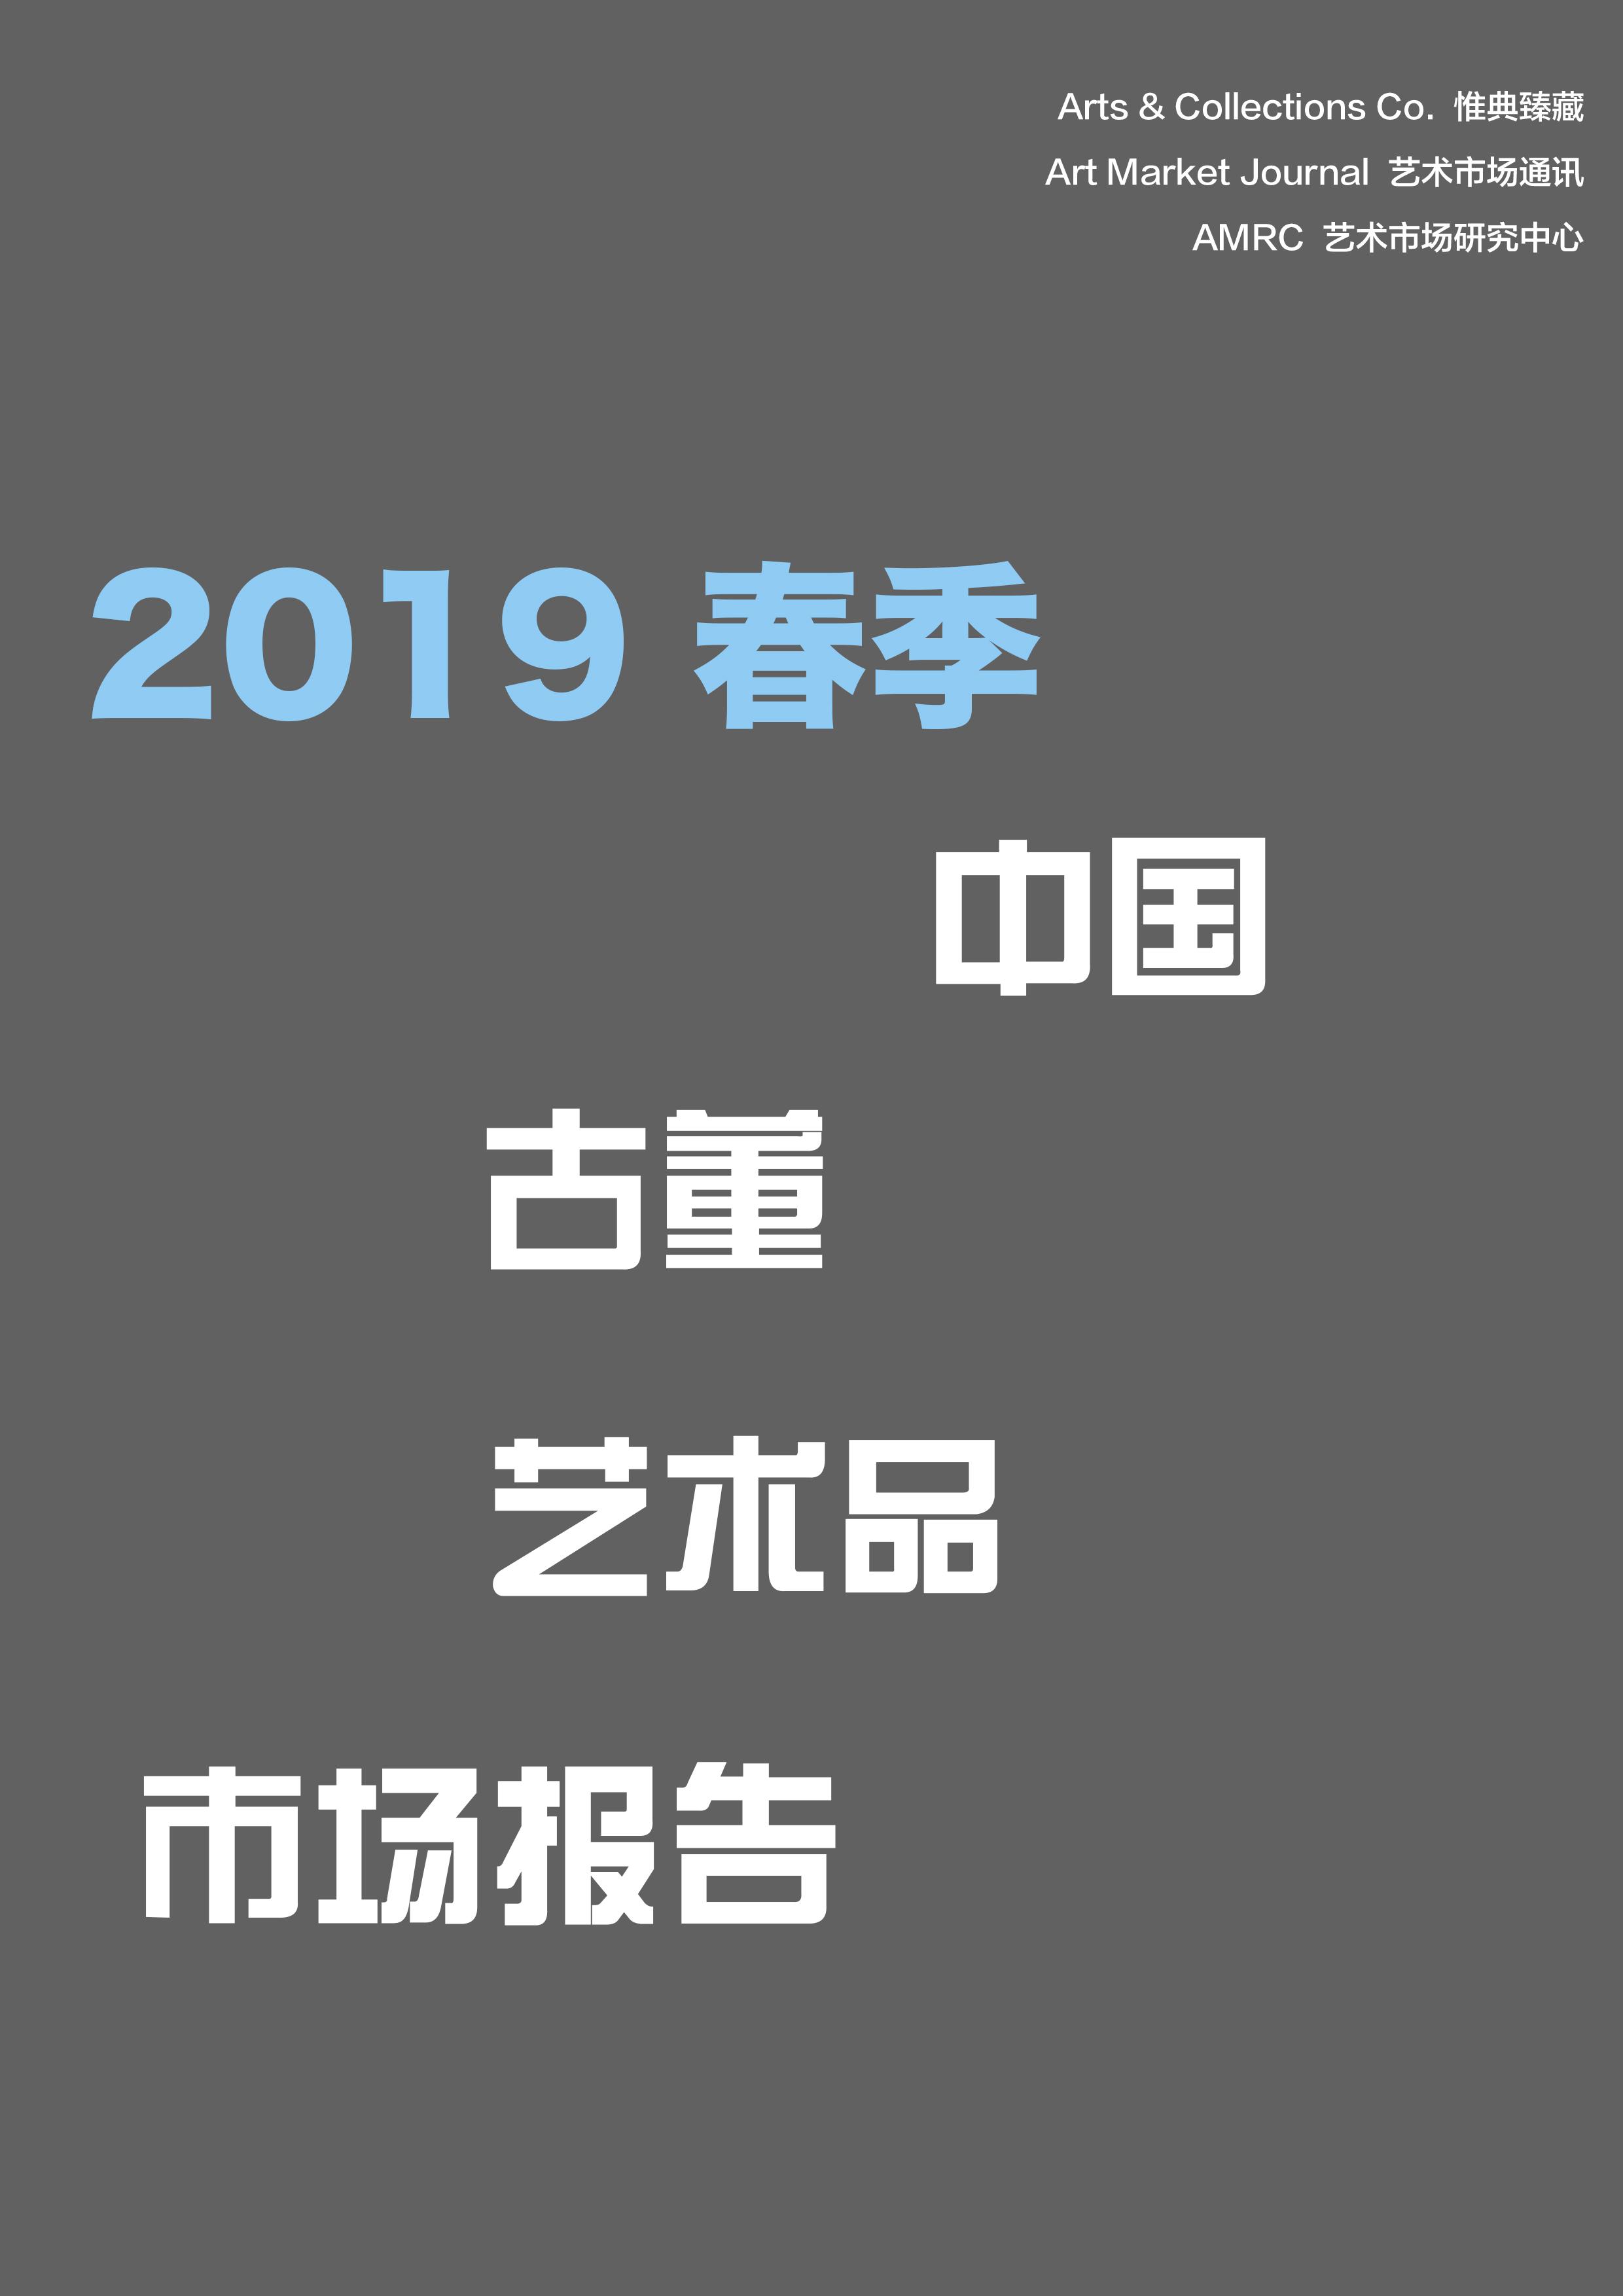 2019春季中国古董艺术品市场报告